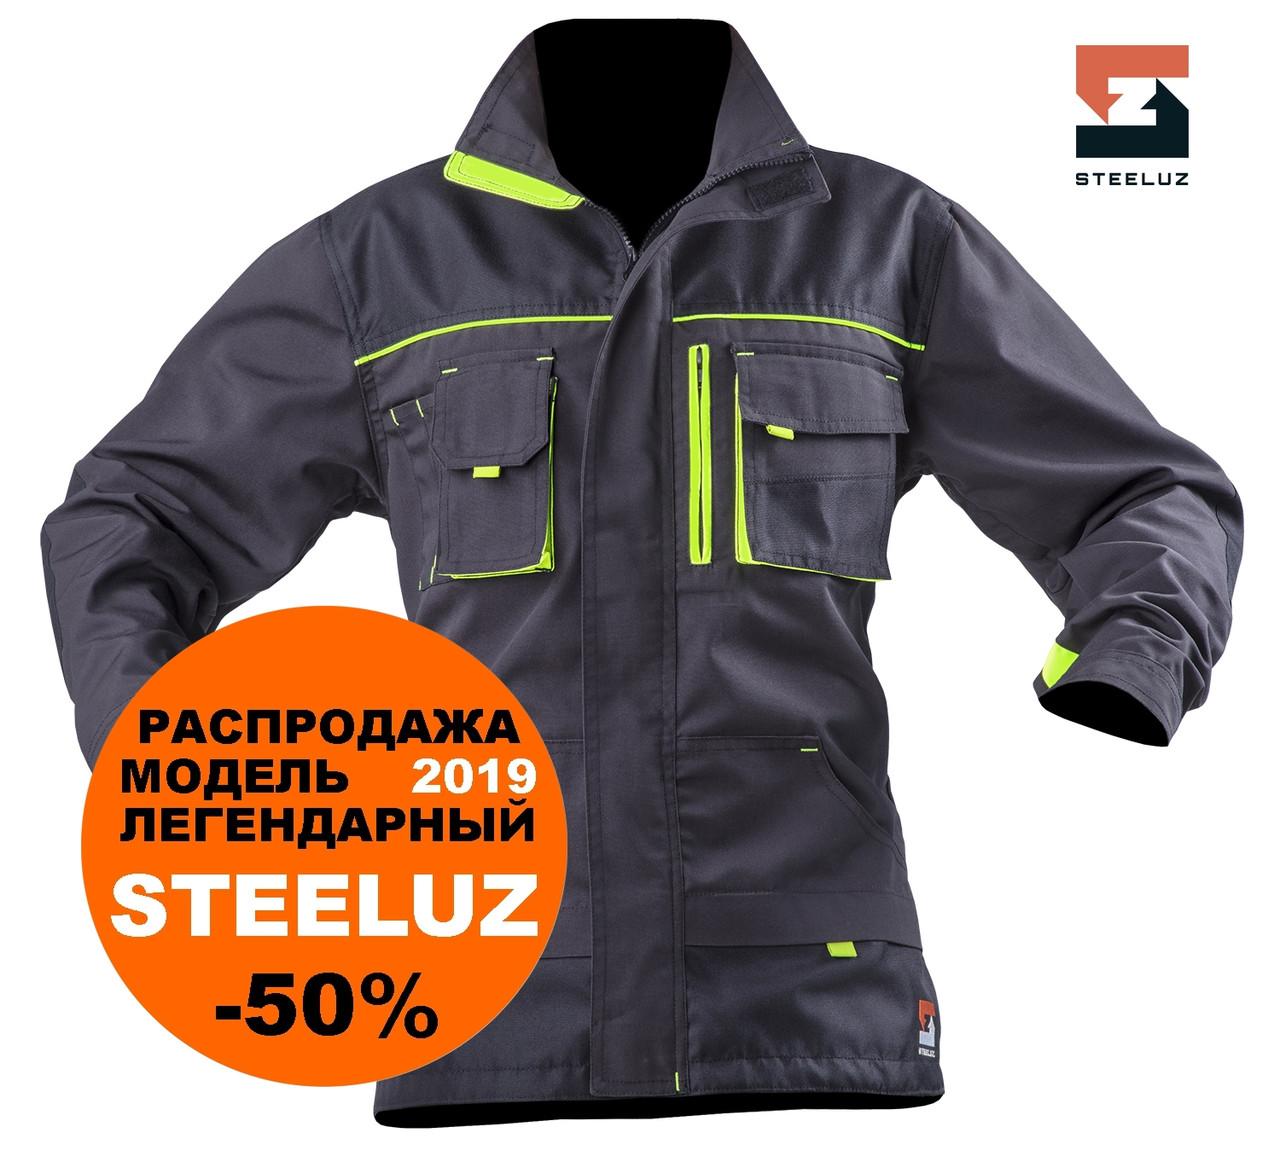 Куртка рабочая SteelUZ с салатовой отделкой, модель 2019, рост 170-180 см